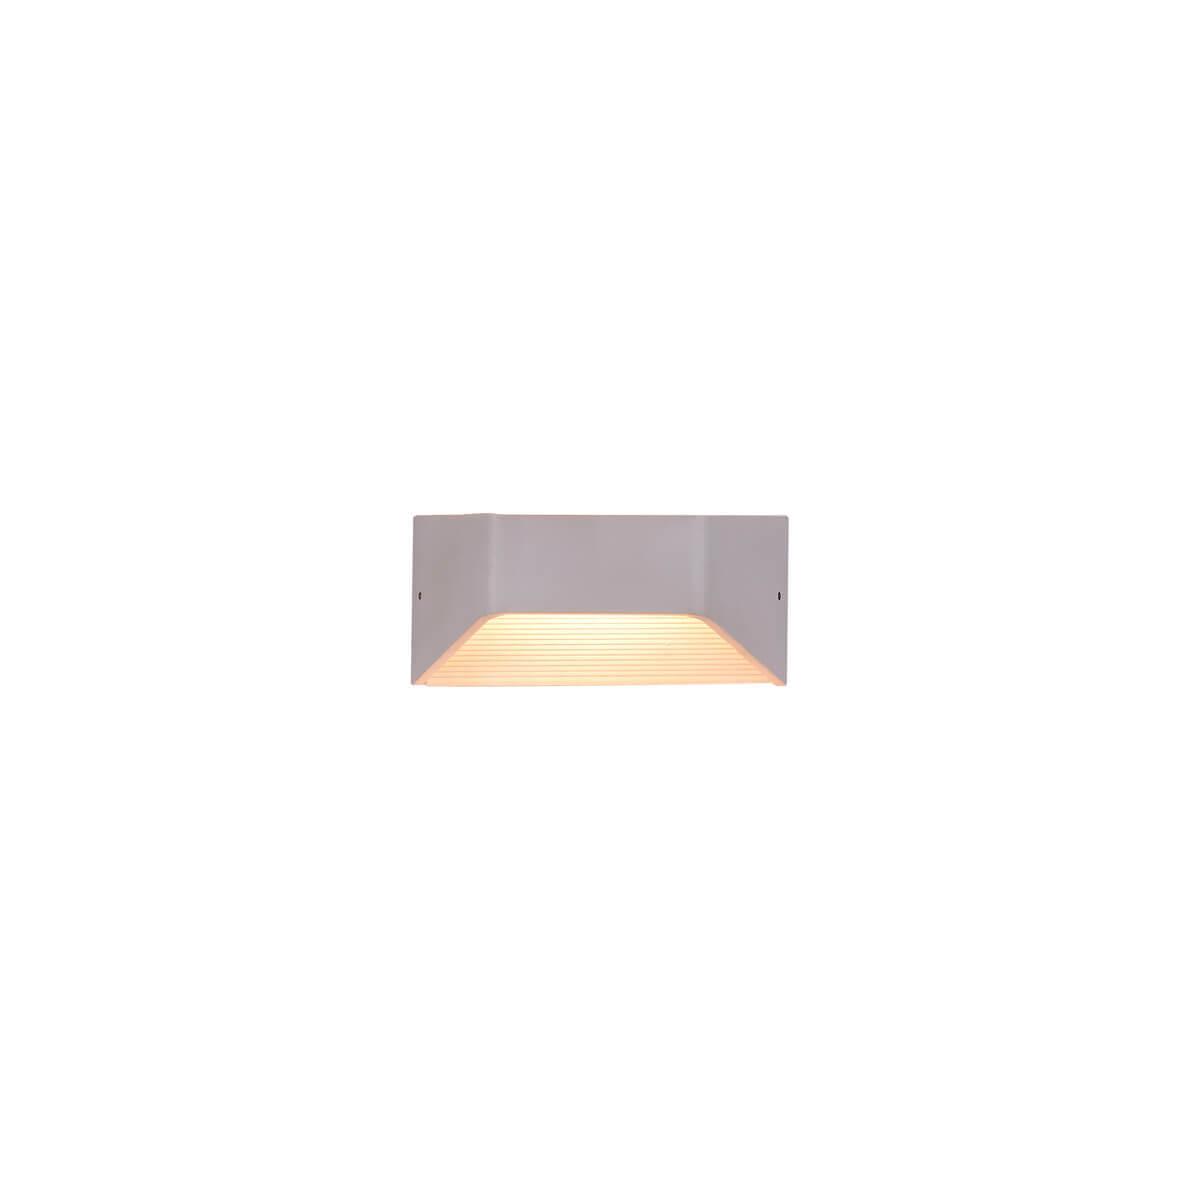 Светильник Citilux CL704310 Декарт 704 настенный светильник citilux декарт 6 cl704061 6 вт